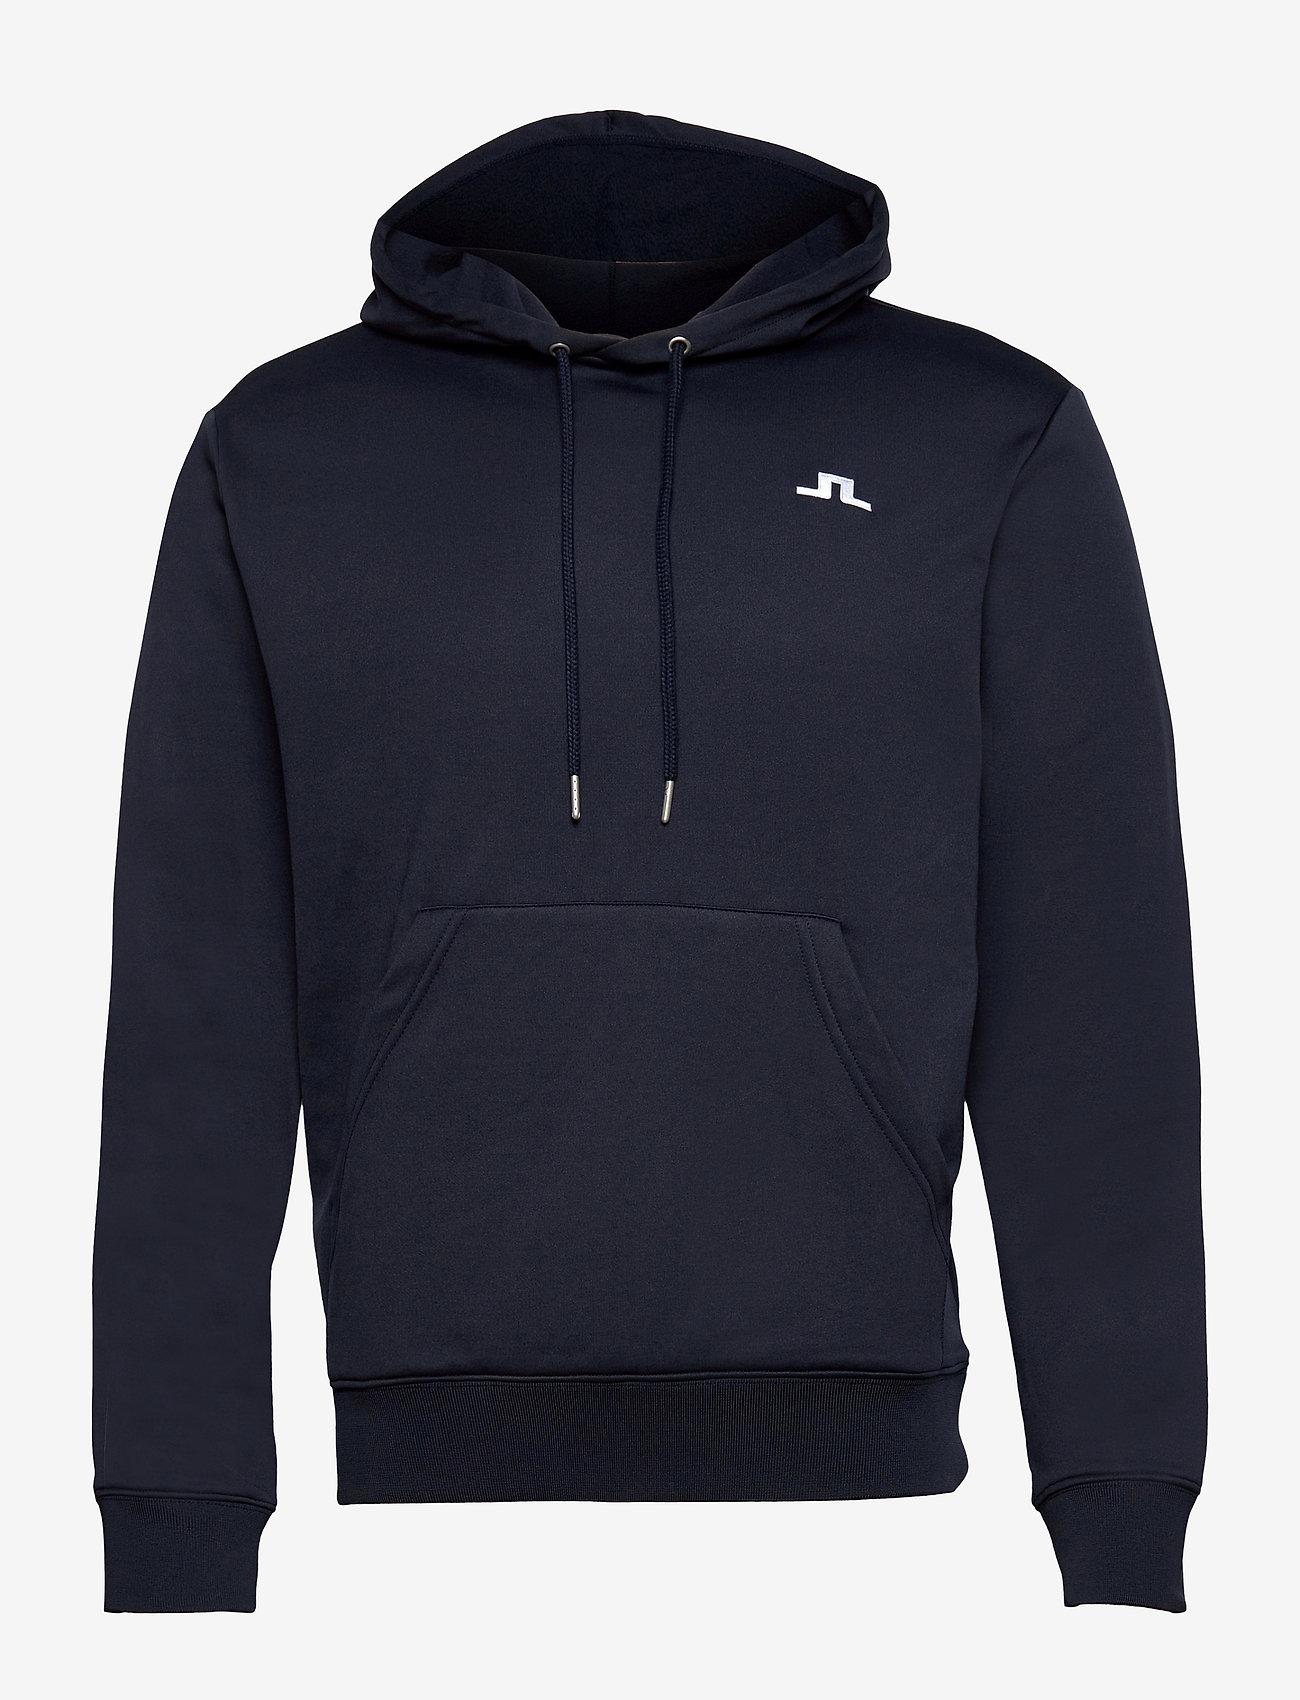 J. Lindeberg Golf - Stretch Fleece Light Hoody - hettegensere - jl navy - 0